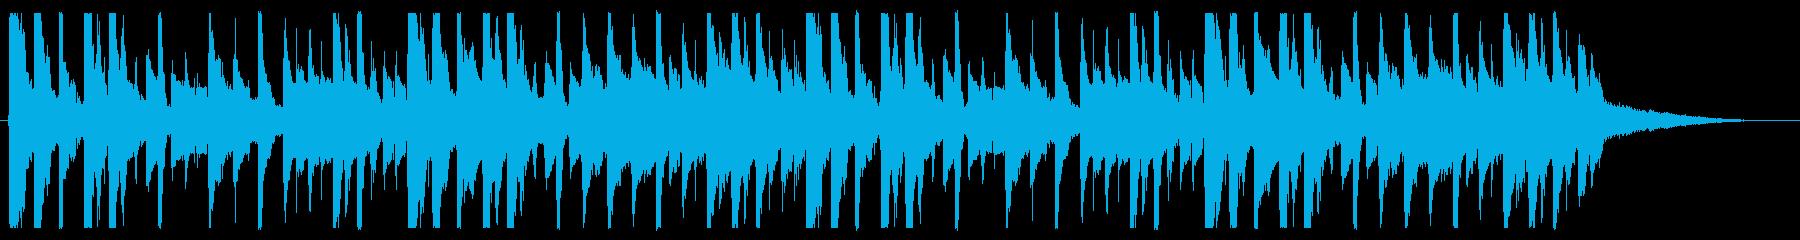 寂しげ/都会/R&B_No441_4の再生済みの波形